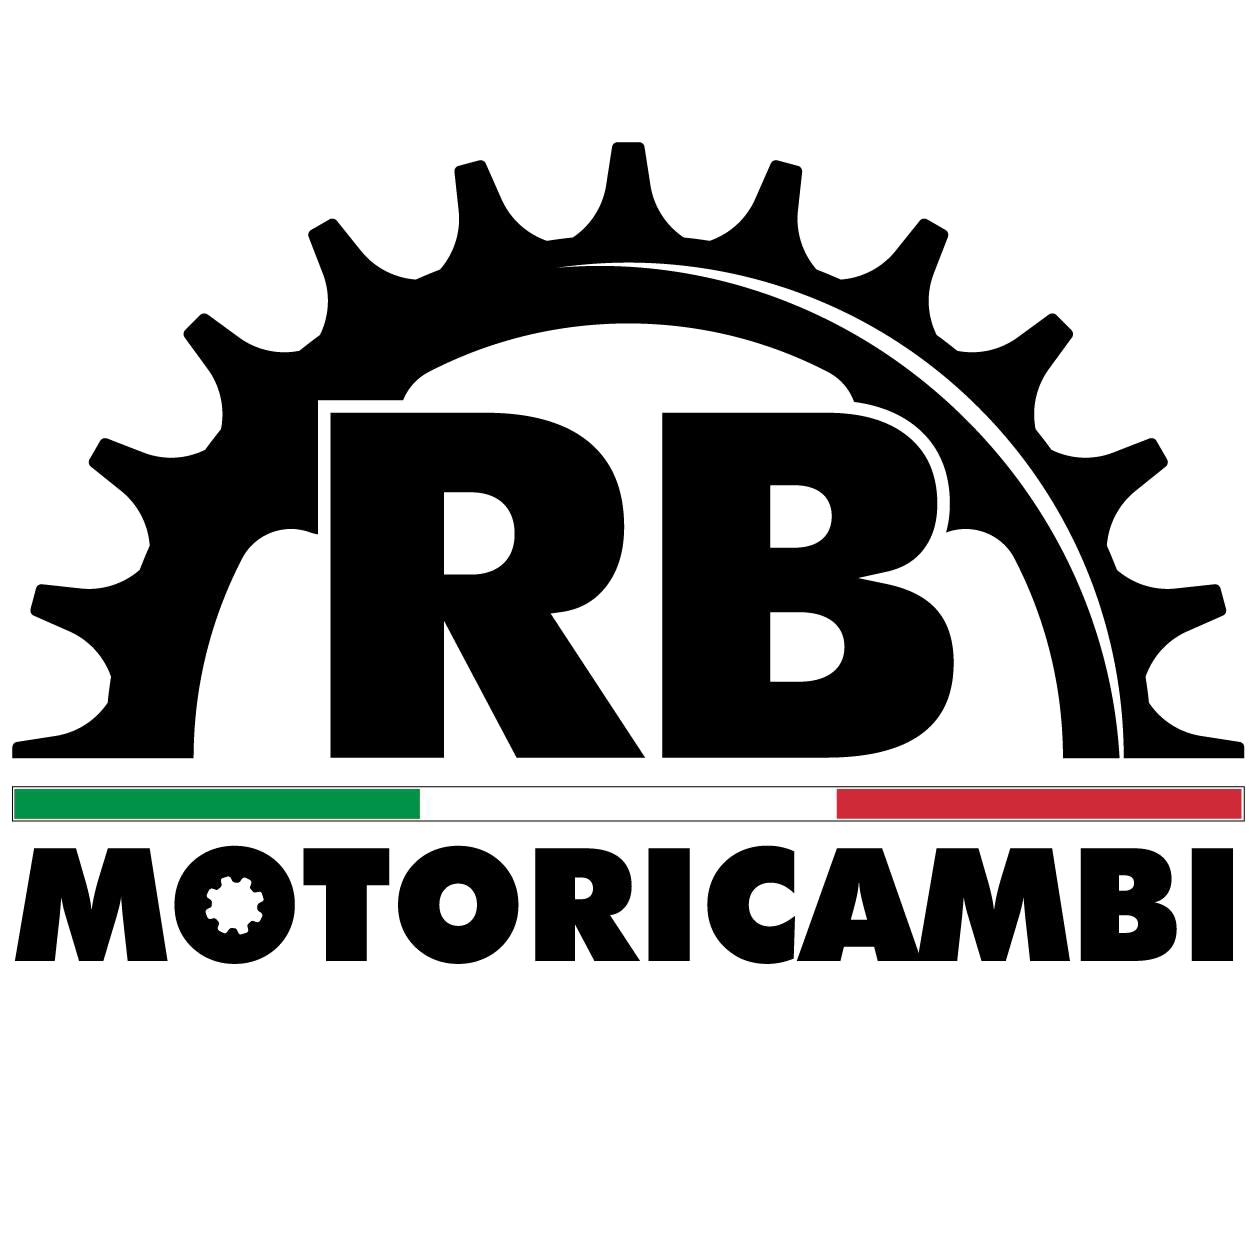 R&B Srl Motoricamb